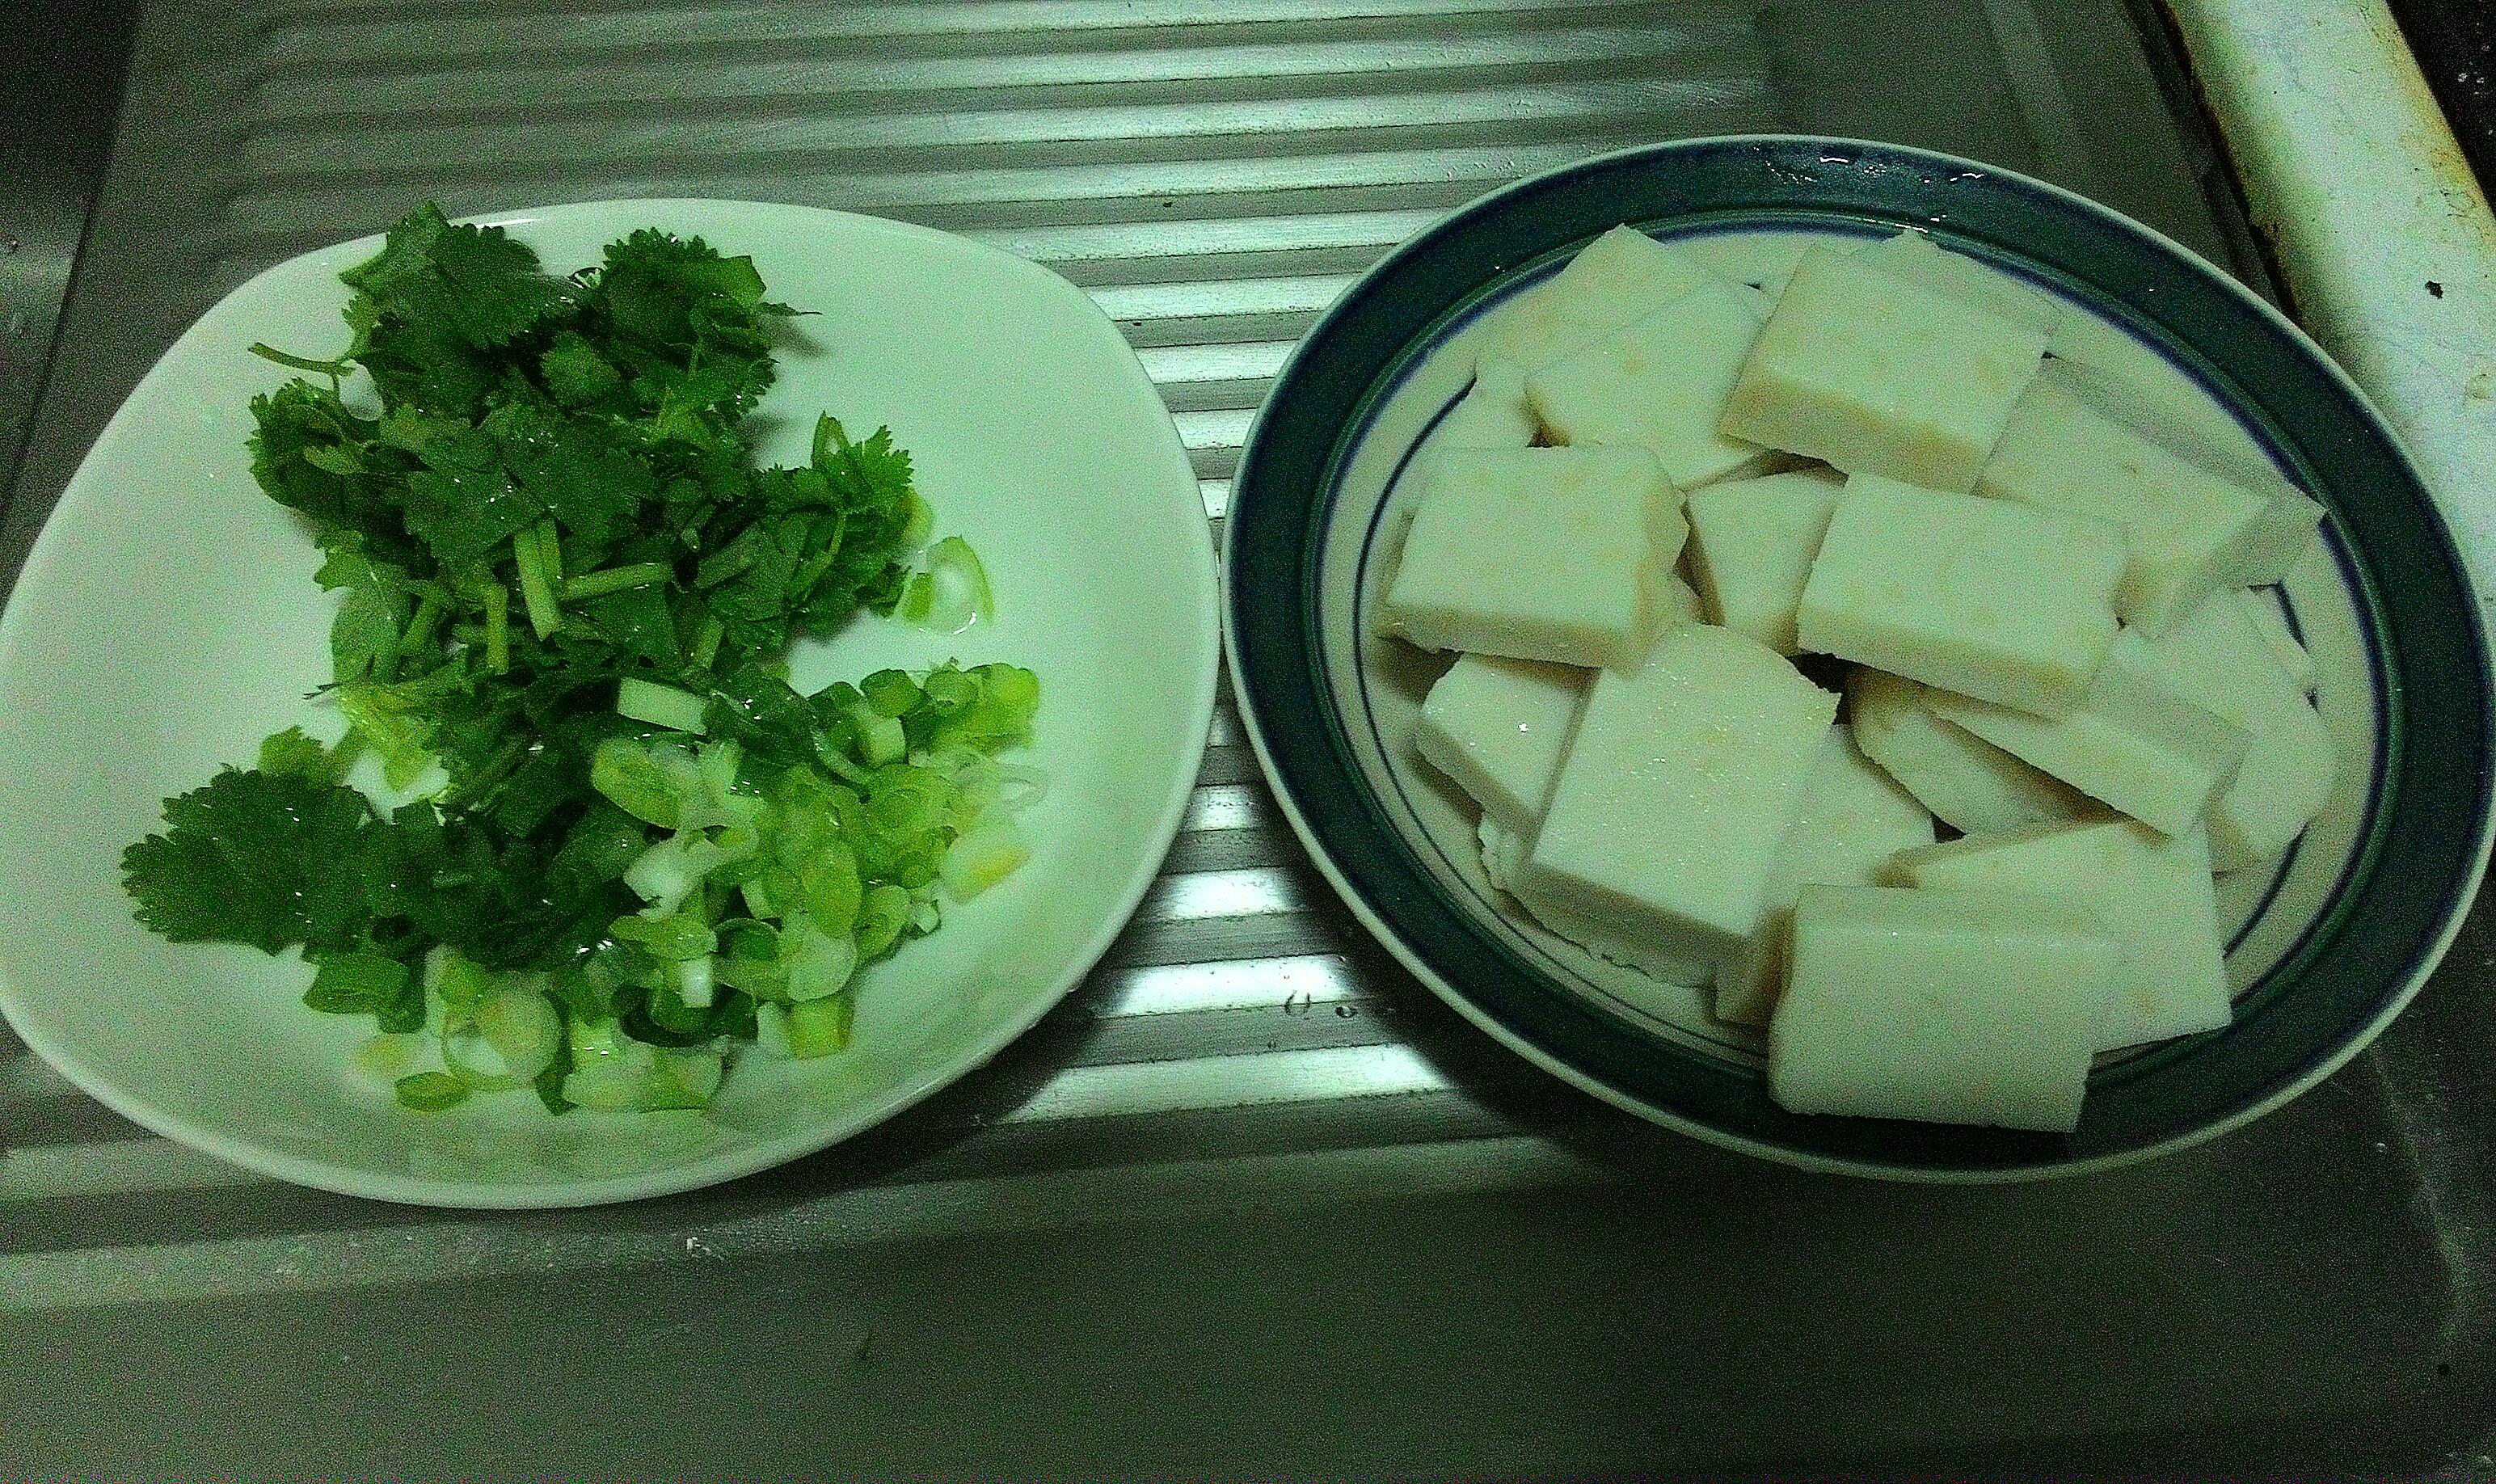 食材切妥。